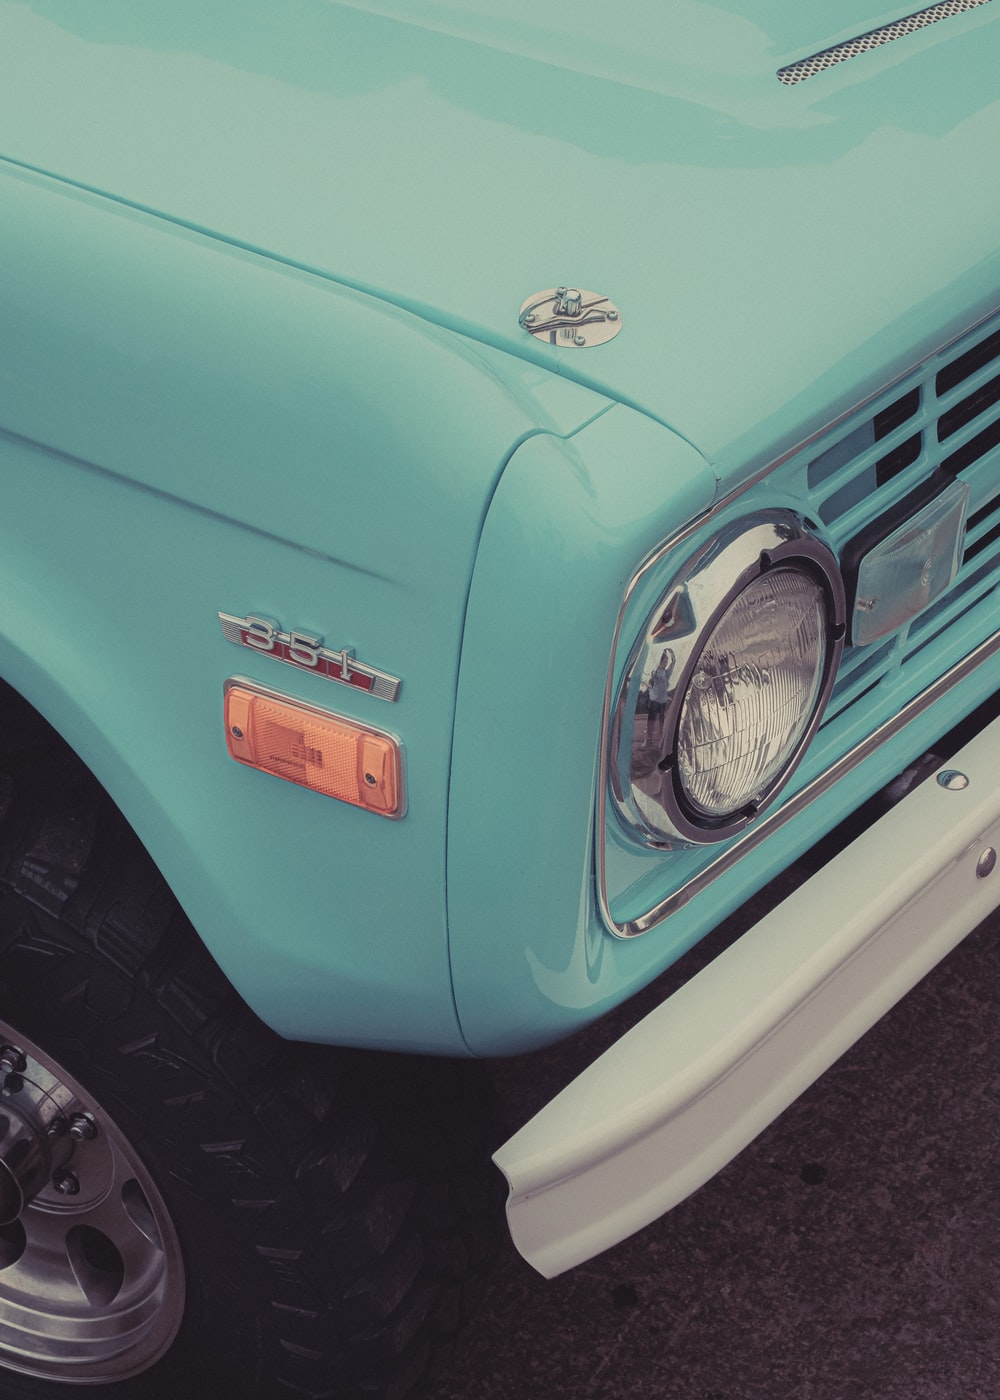 teal car with chrome wheel